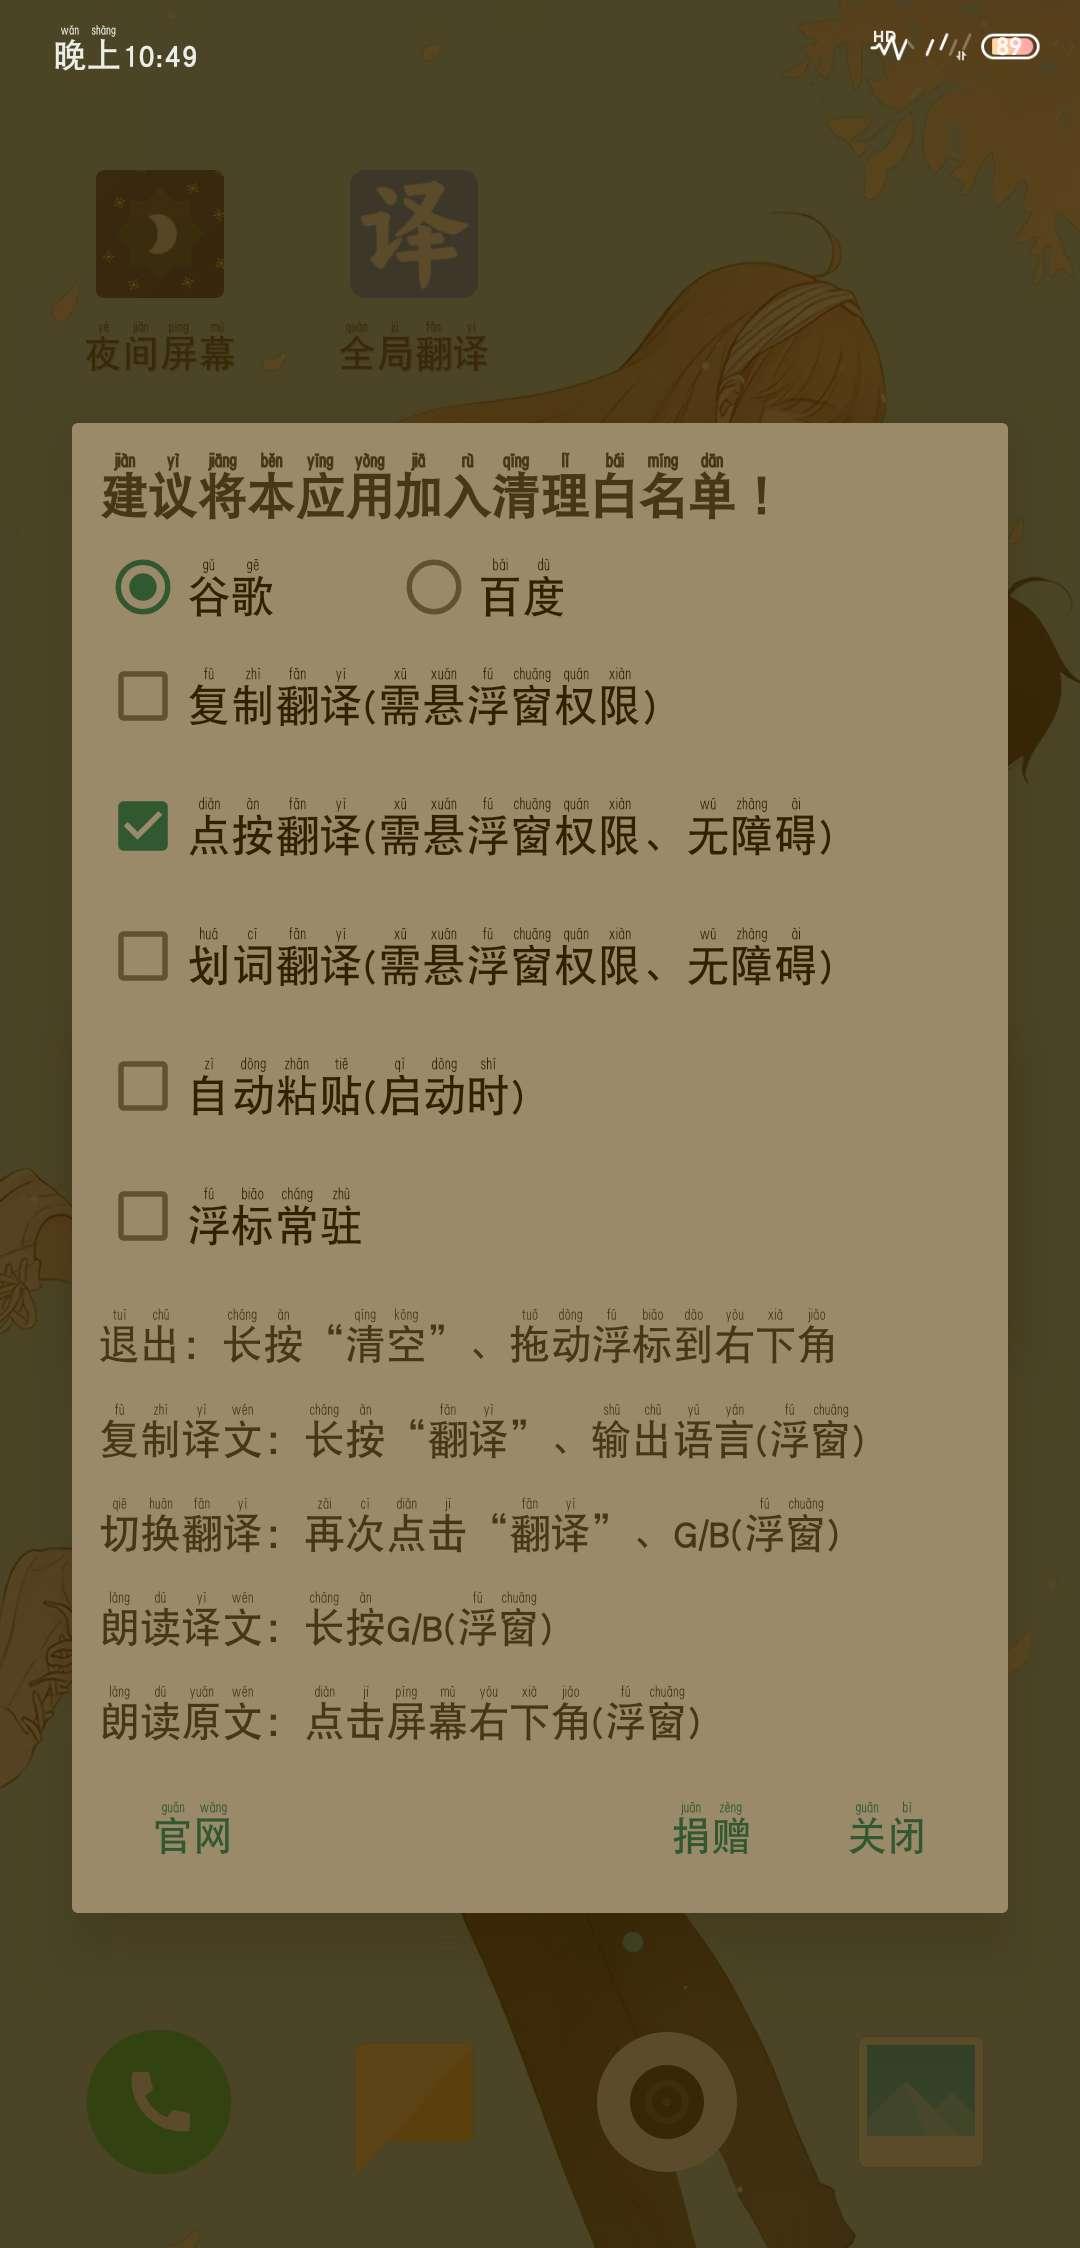 【分享】全局翻译(复制翻译+点按翻译+划词翻译)-爱小助